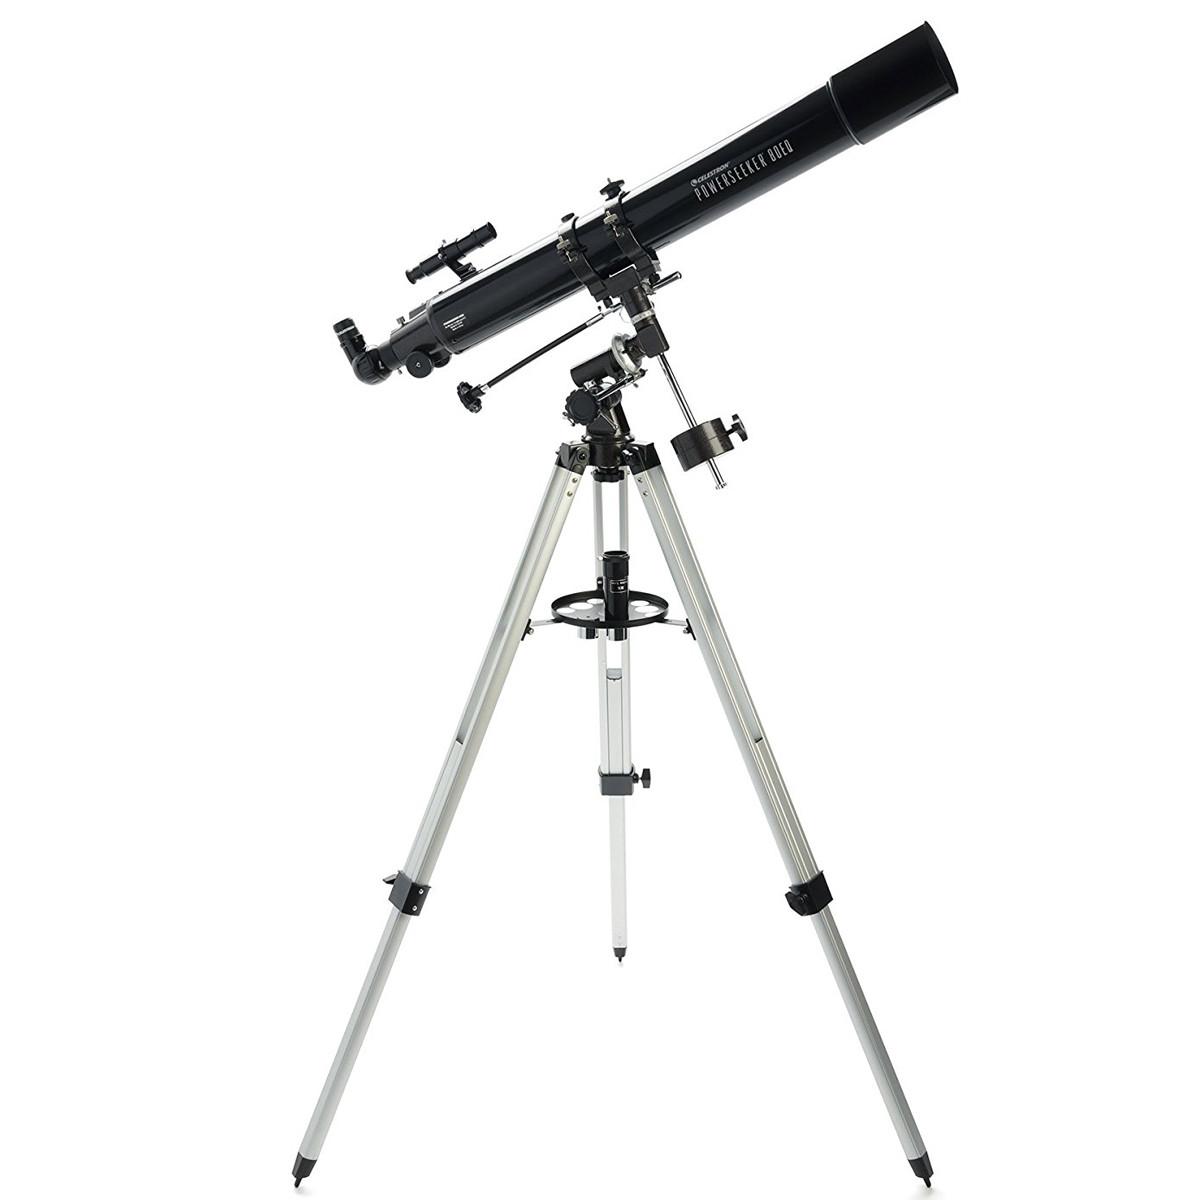 Celestron Powerseeker 80eq F 11 80mm Refractor Telescope Digital Outlet